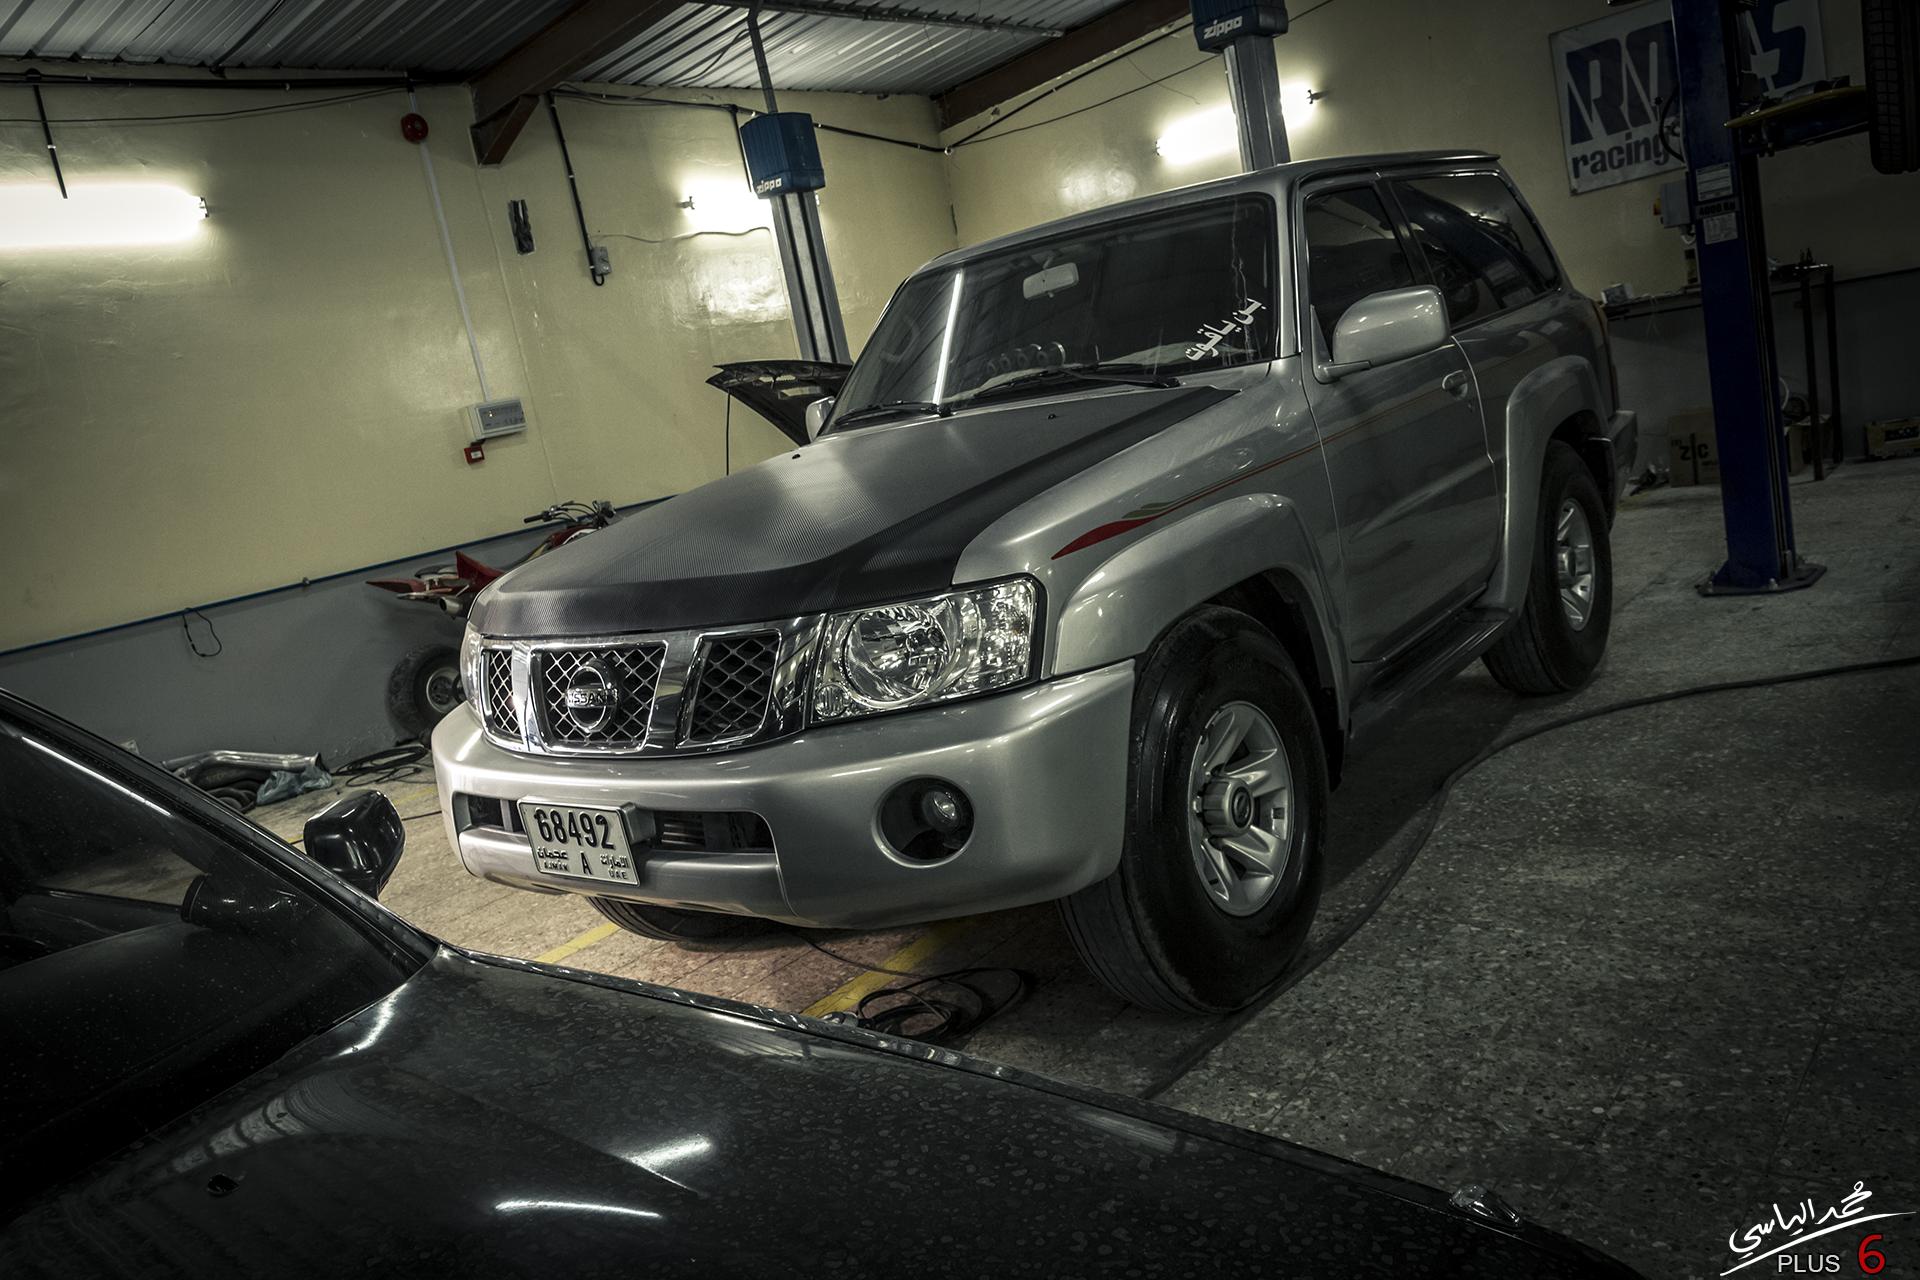 Nissan vtc 2013 uae